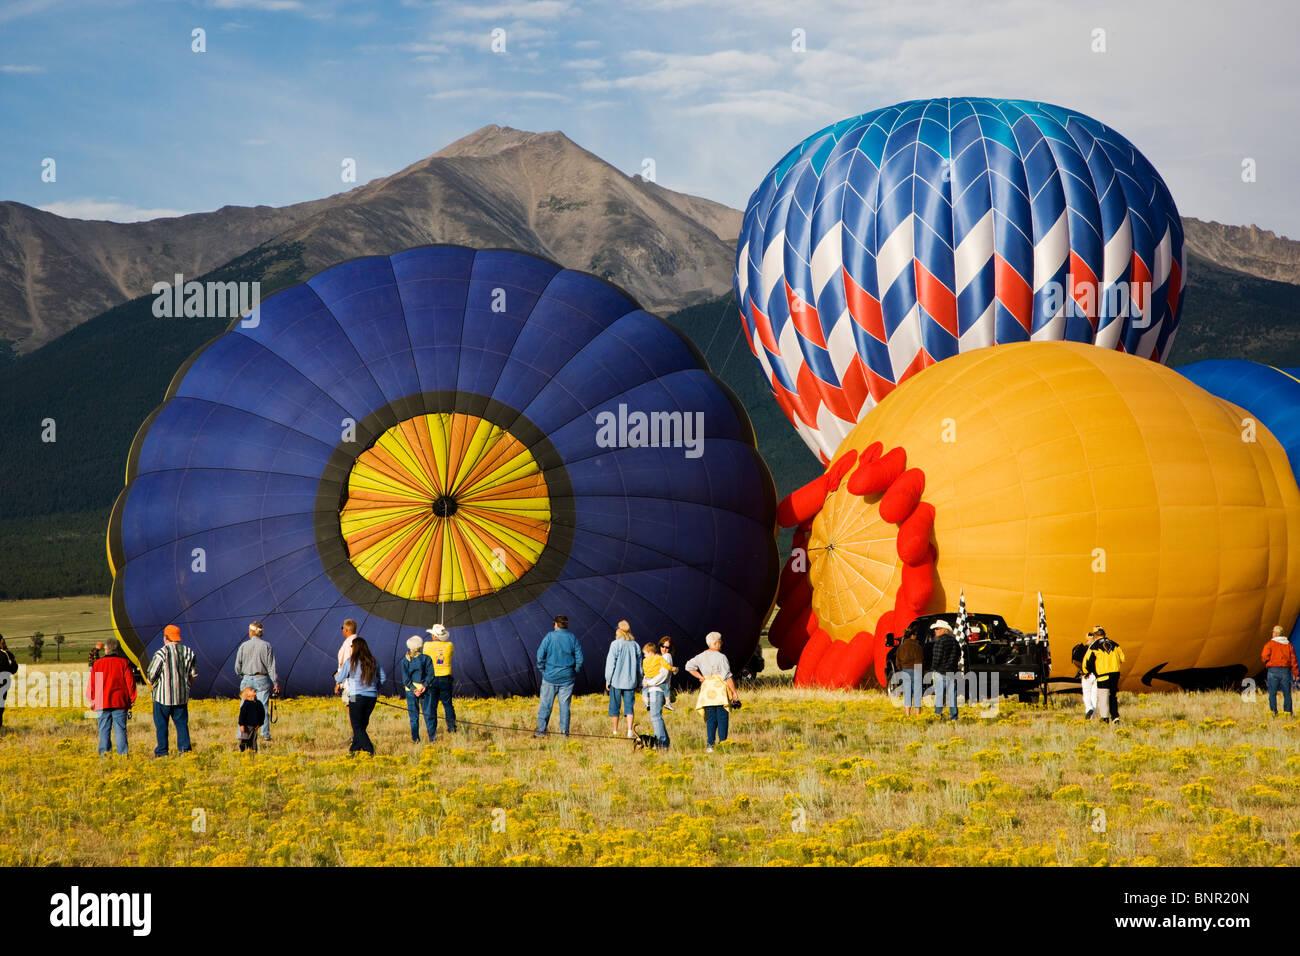 ab3eb5806fcb17 Hot air balloons at the annual Balloona Vista Festival